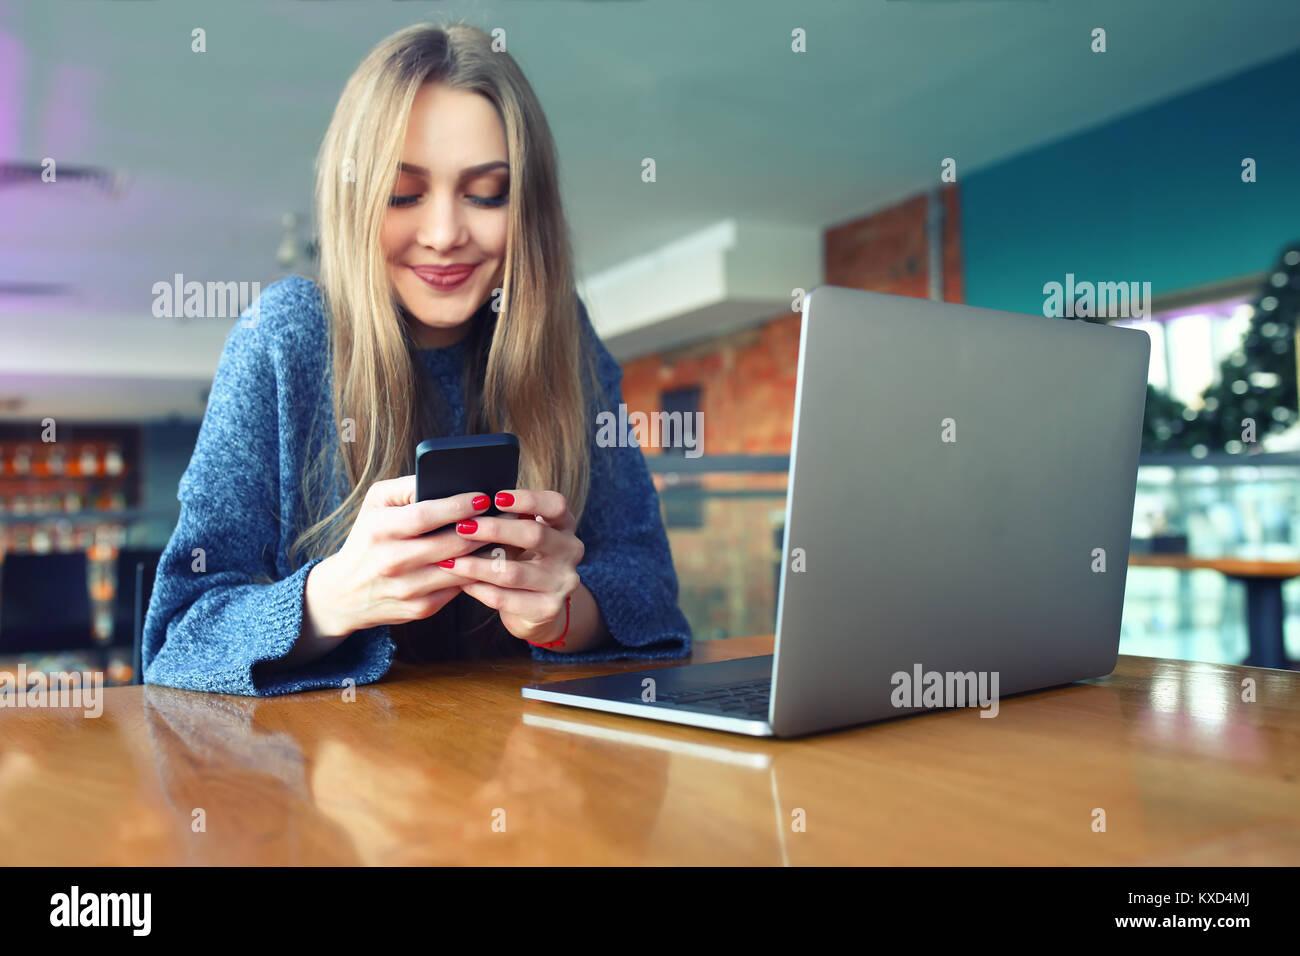 Mujer escribiendo un mensaje de texto en el teléfono inteligente en un café. Mujer joven sentada en una Imagen De Stock